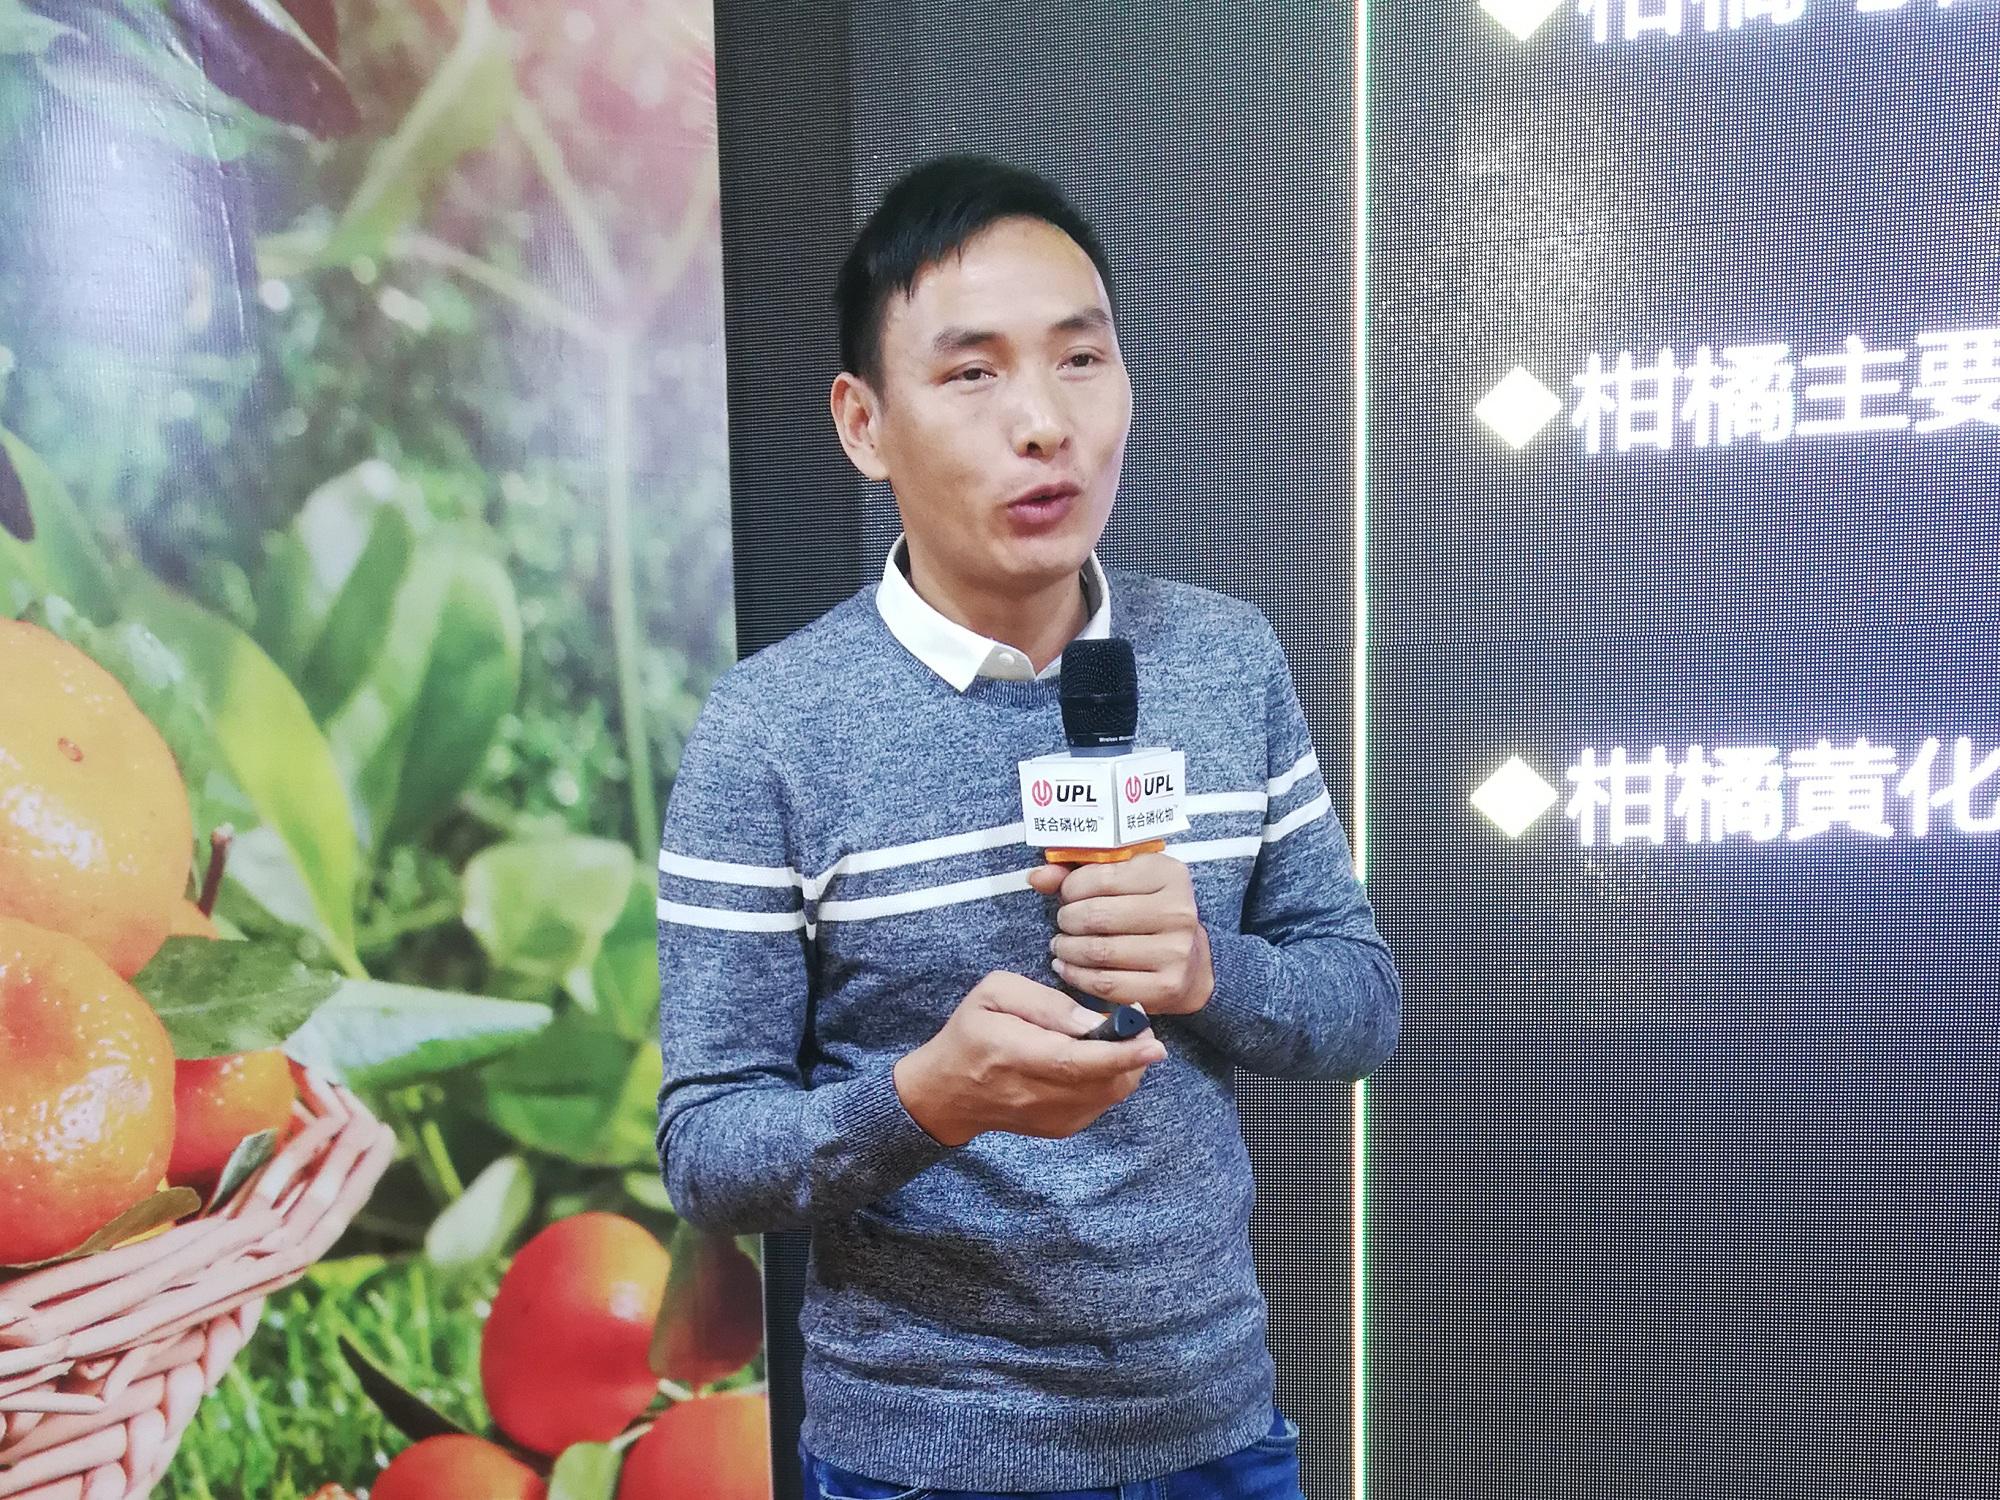 广西柑橘行业协会特聘专家、武鸣柑橘技术服务公司技术总监卢文彝